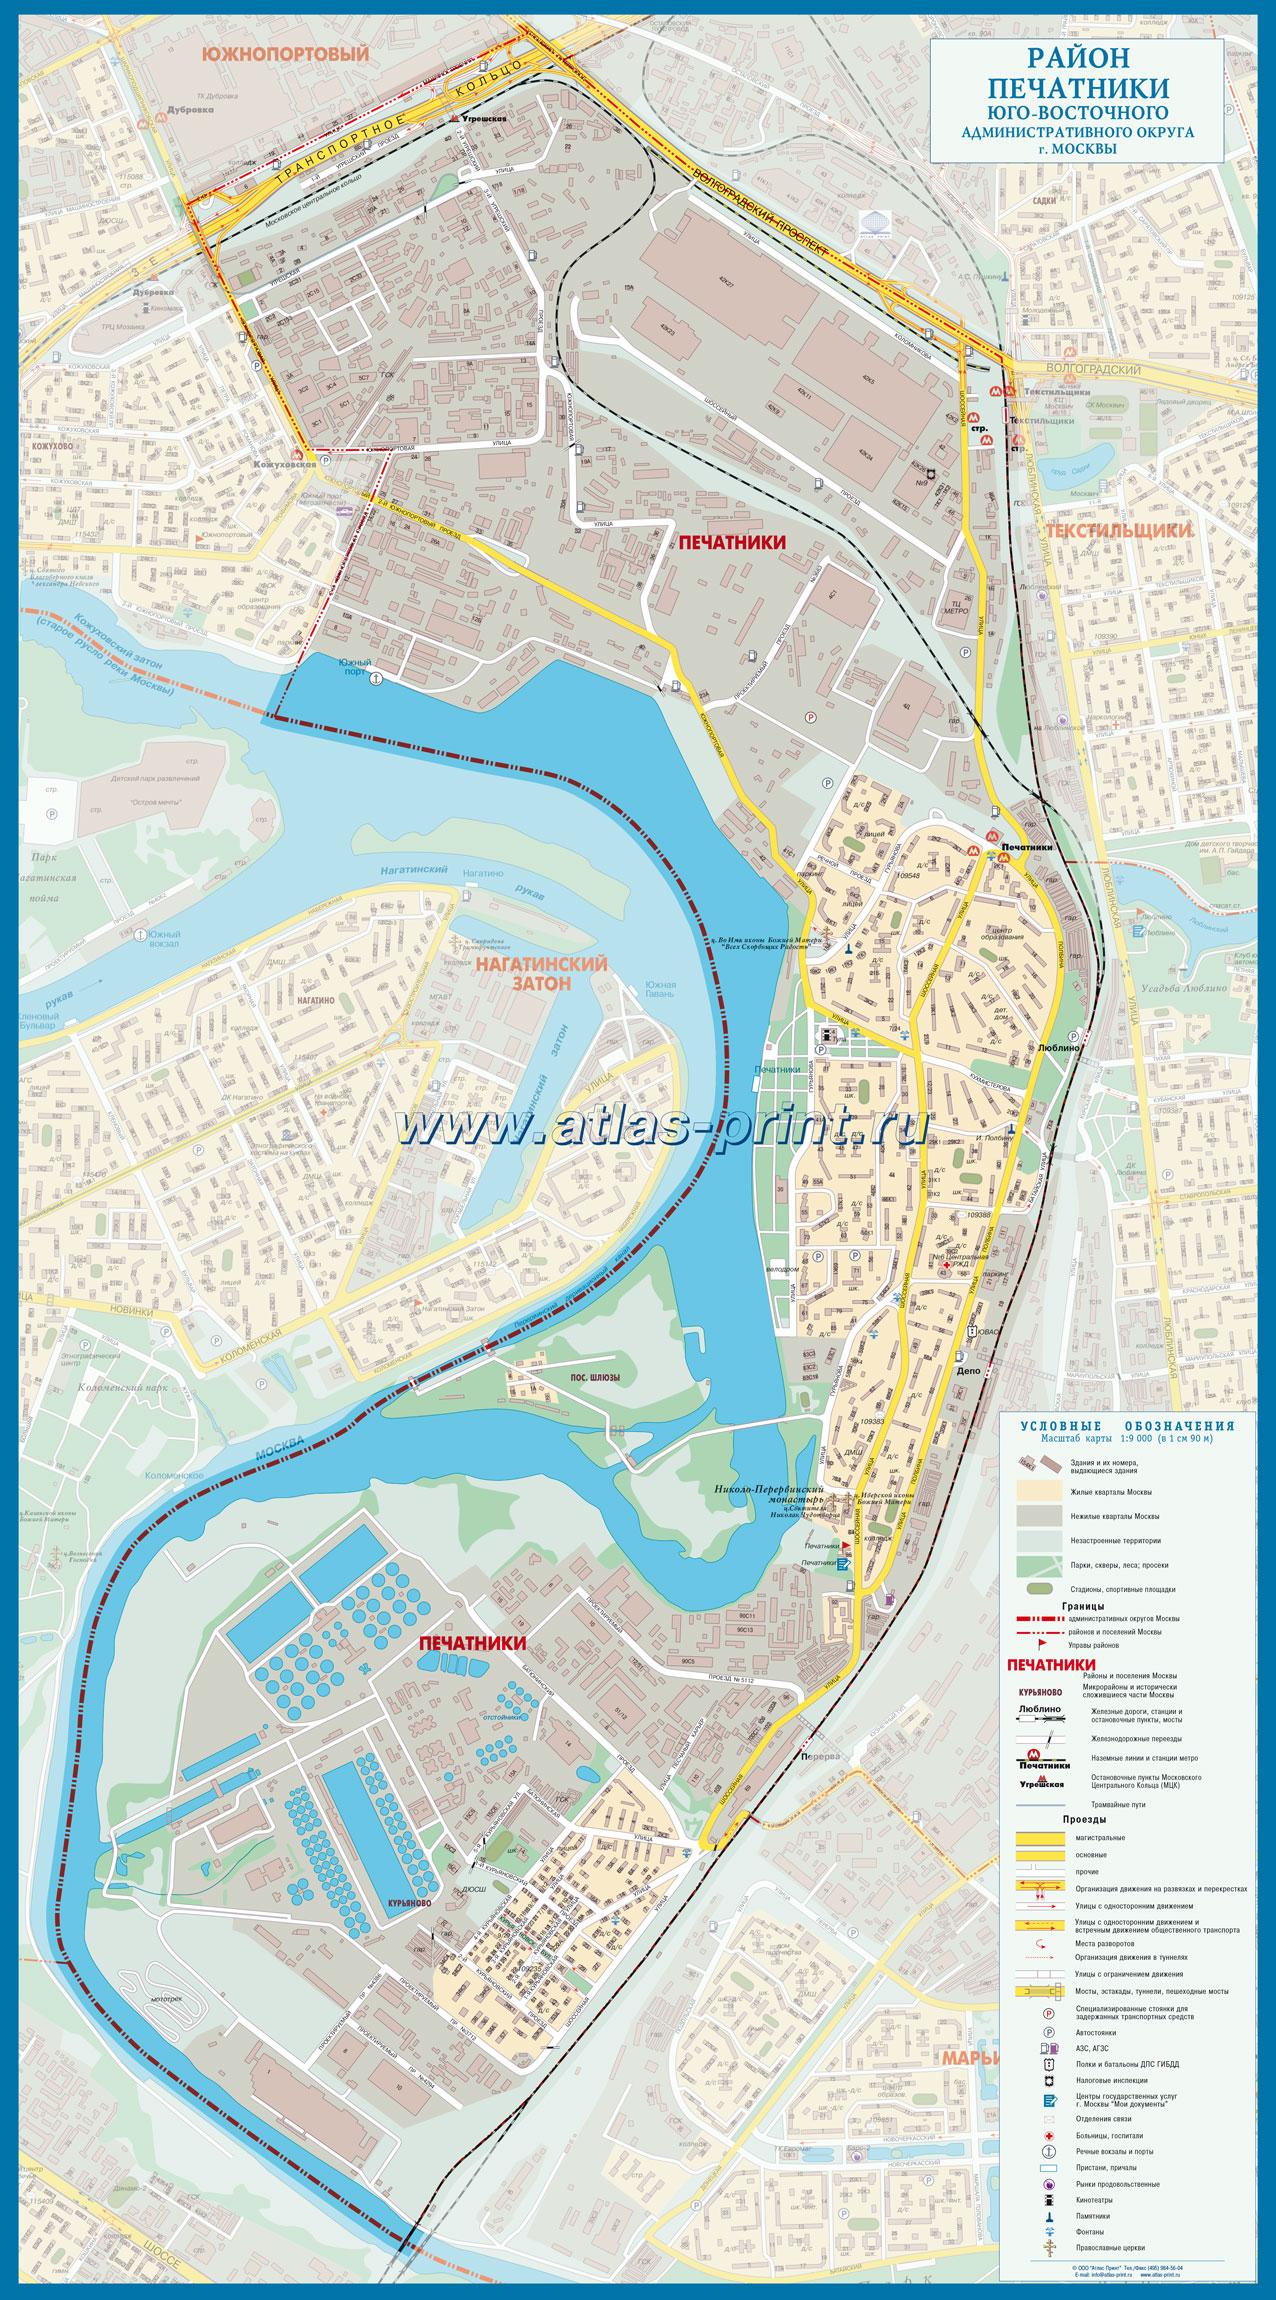 Настенная карта района ПЕЧАТНИКИ (ЮВАО)  г. Москвы 0,55*1,00 м, ламинированная